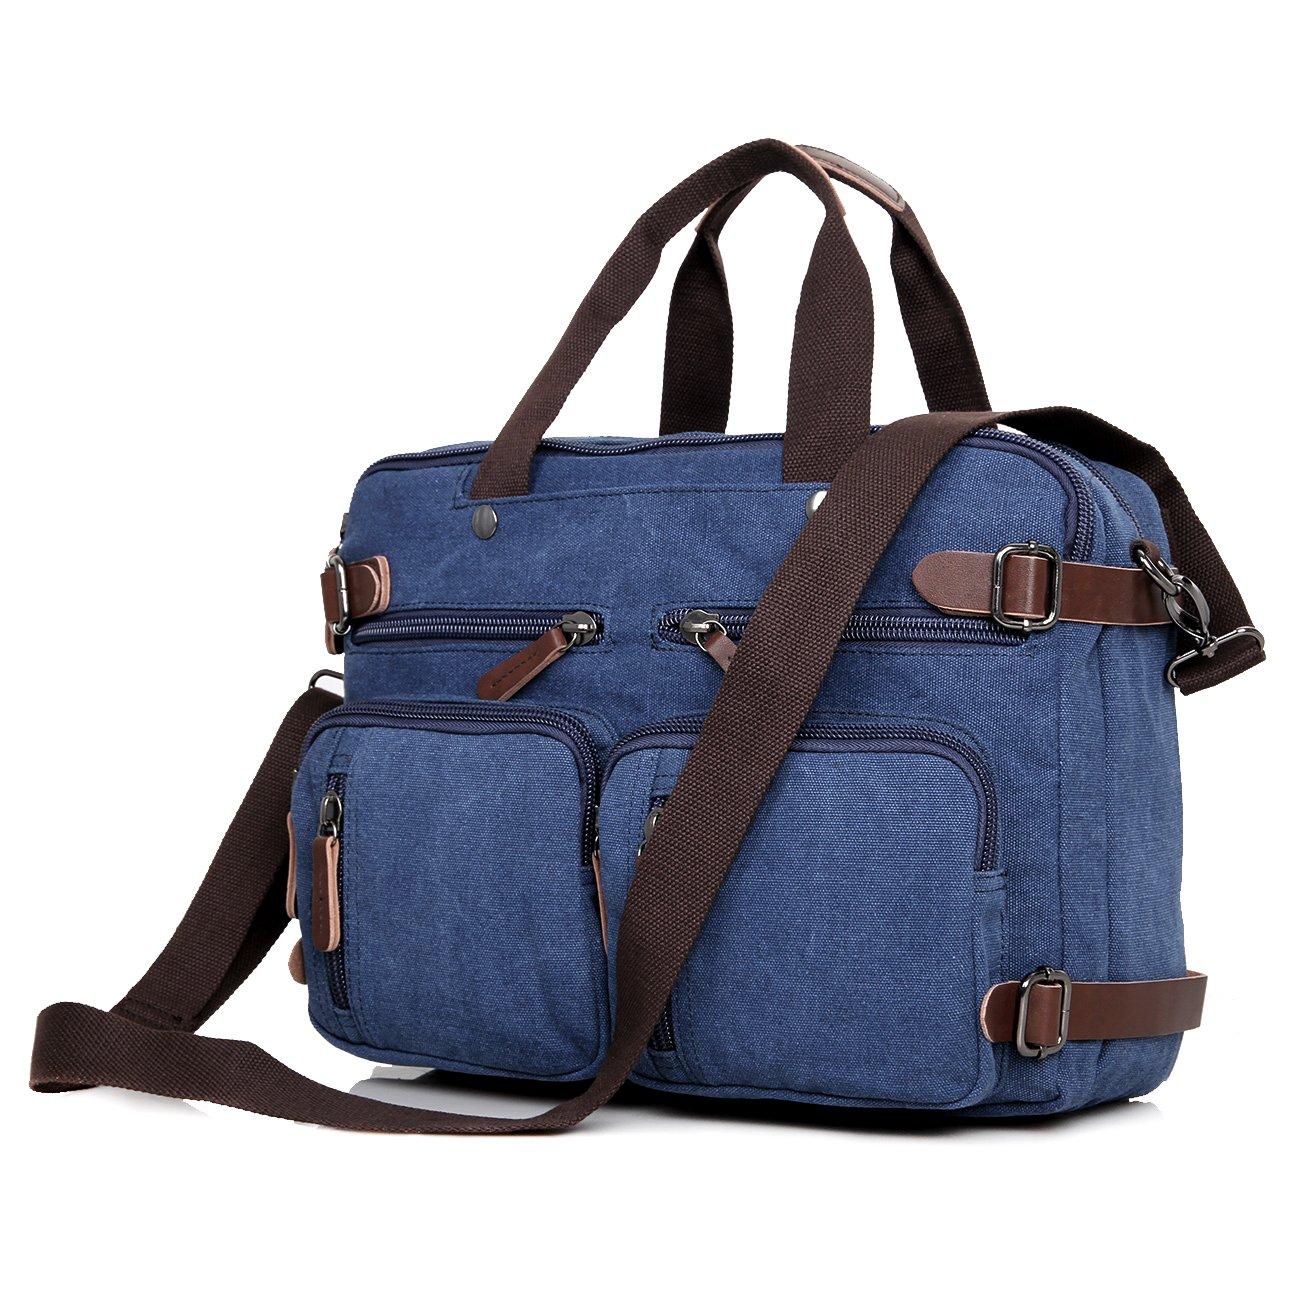 Clean Vintage Laptop Bag Hybrid Backpack Messenger Bag/Convertible Briefcase Backpack Satchel for Men Women- BookBag Rucksack Daypack-Waxed Canvas Leather, Blue by Clean Vintage (Image #3)